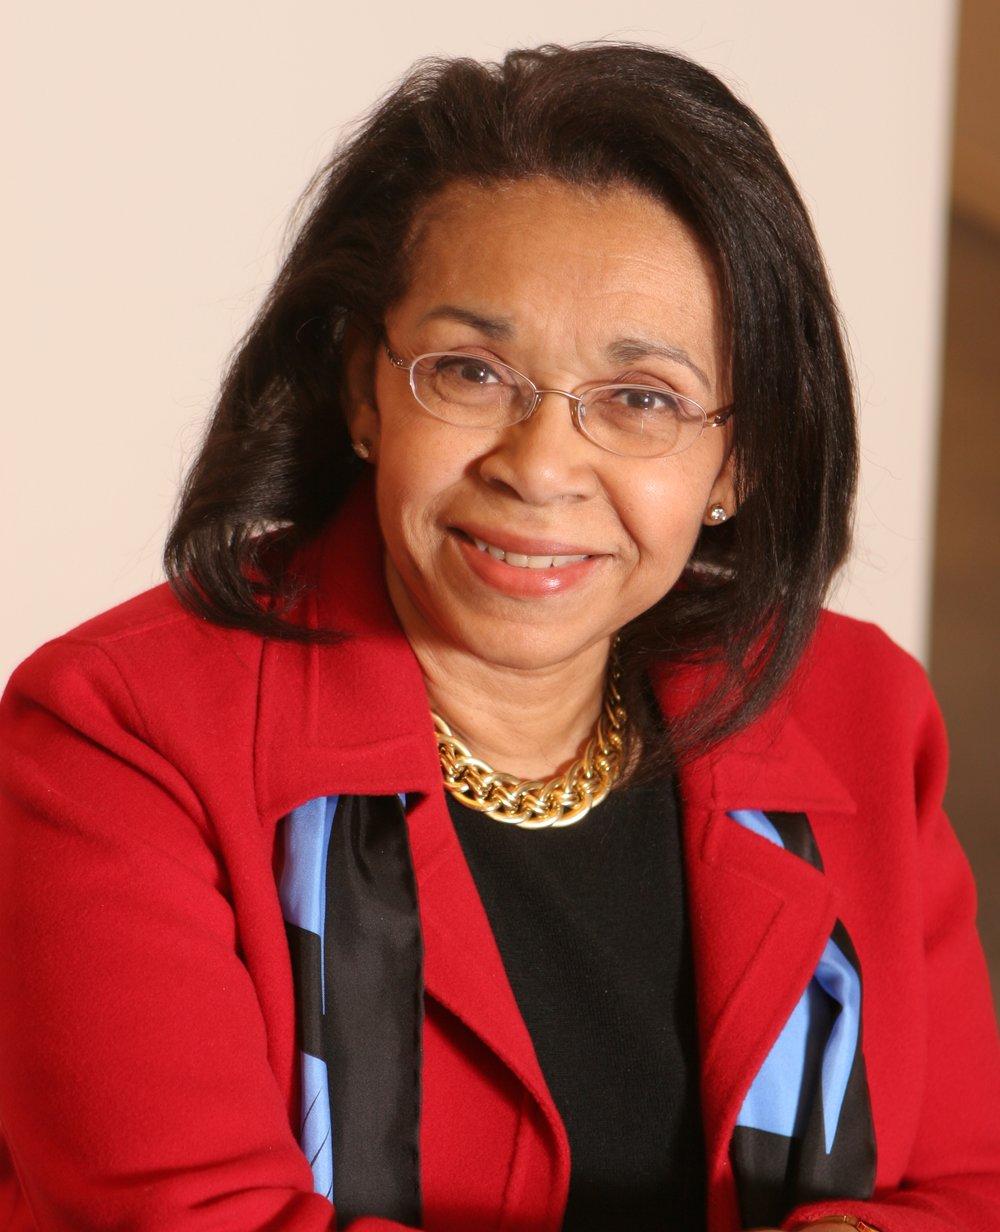 Dr. Shirley Malcom